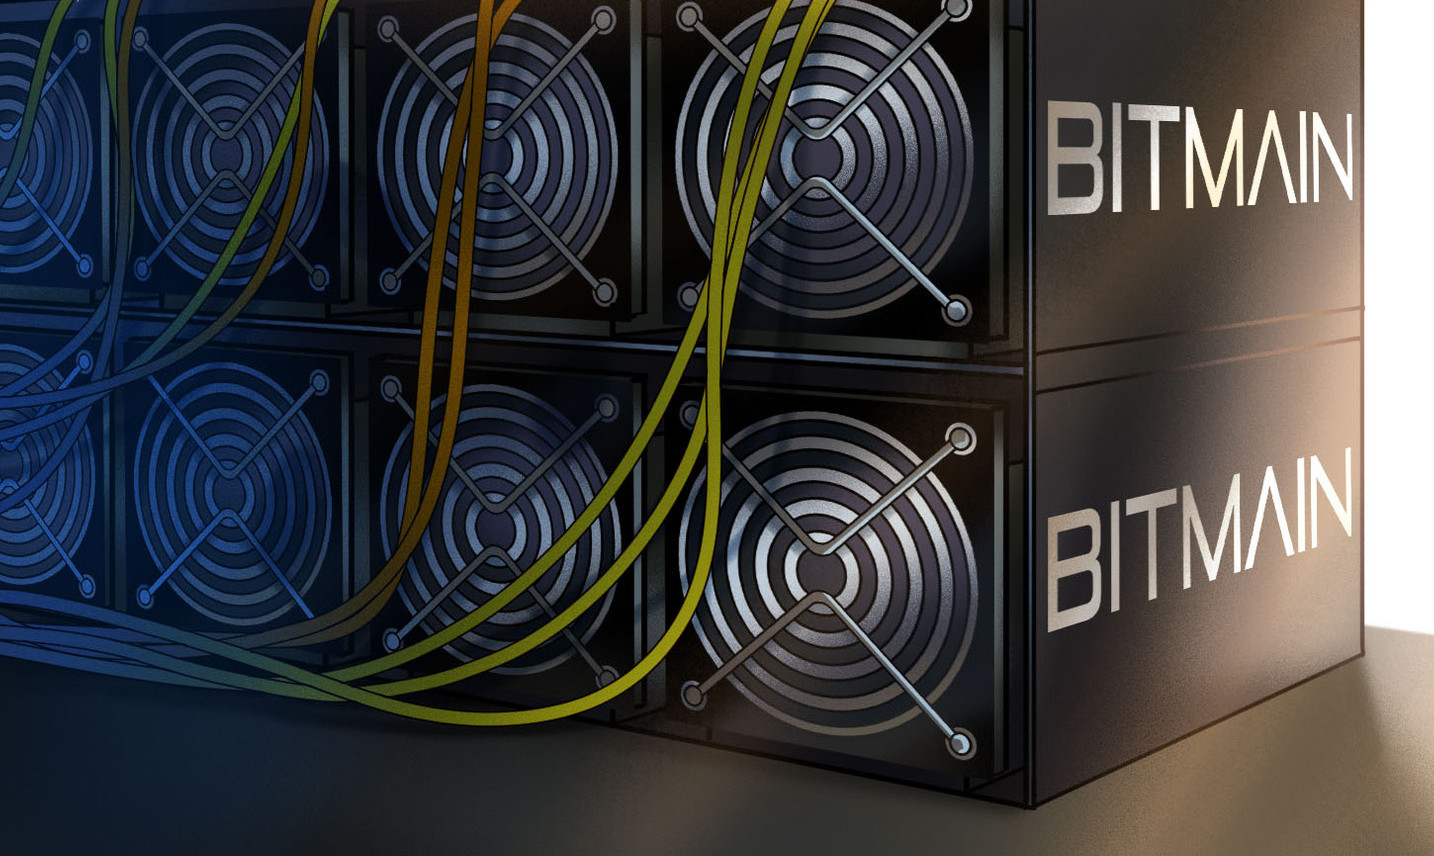 ماینر جدید Bitmain در راه است!